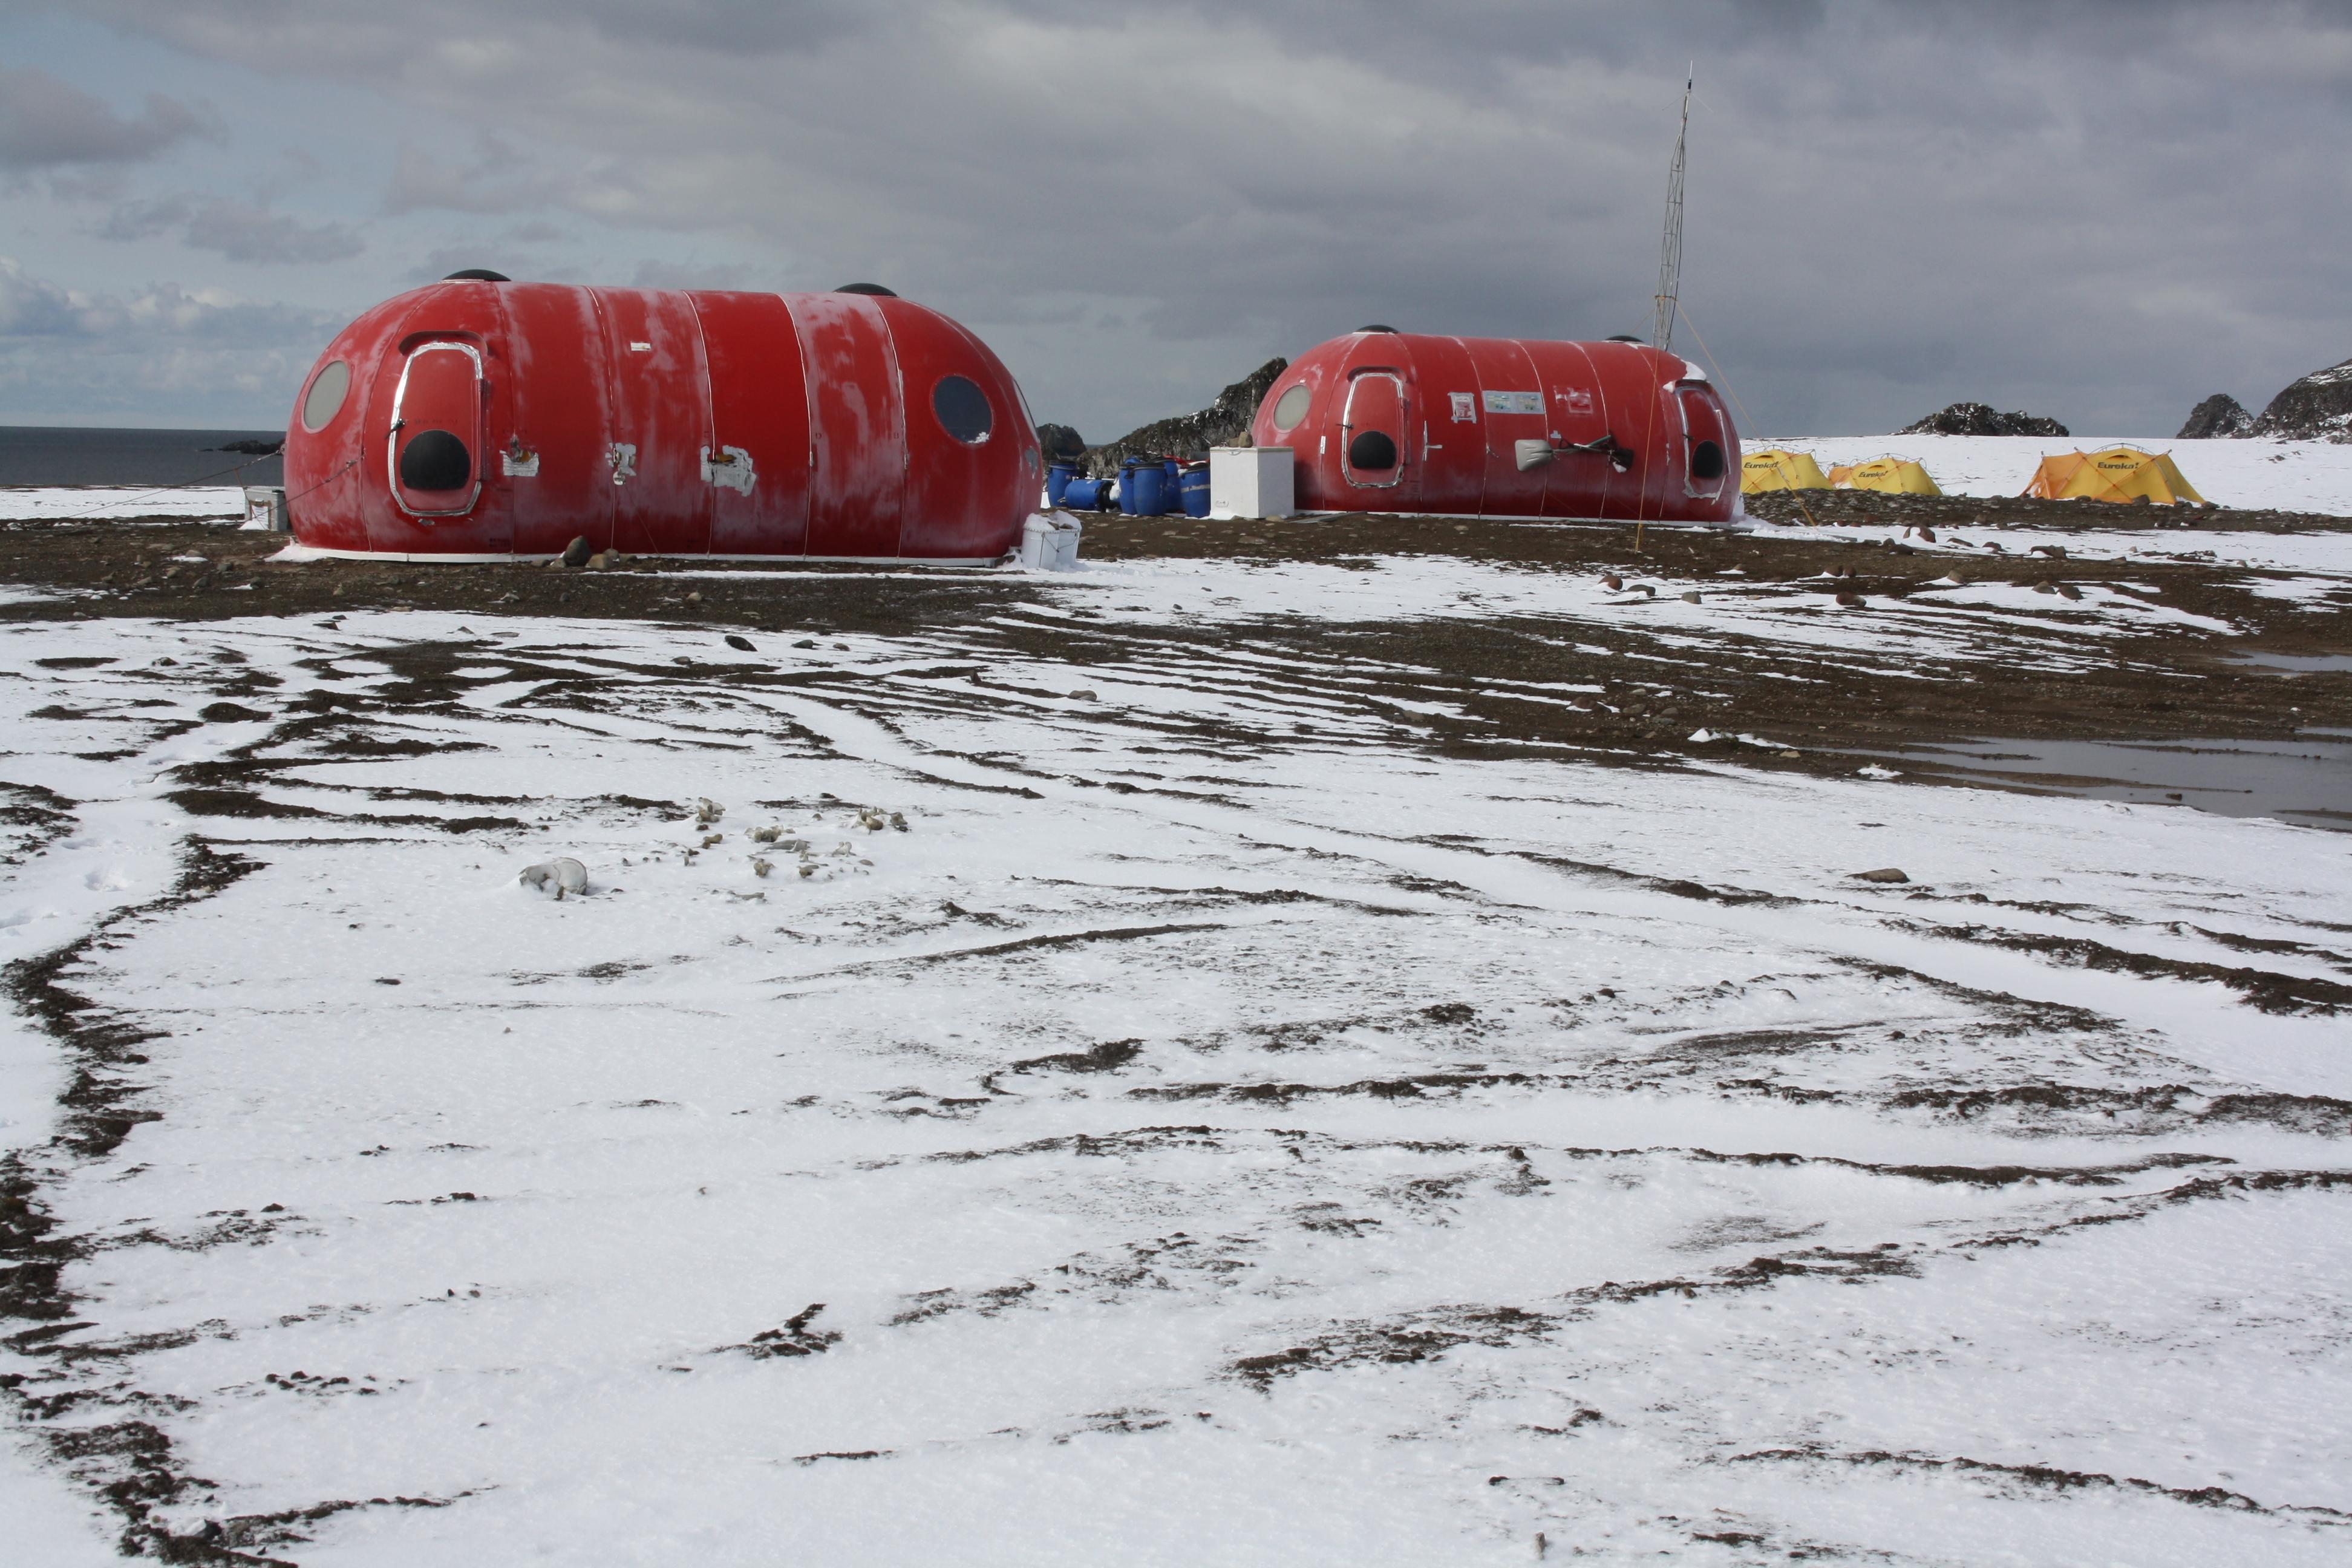 imagen de Los iglús del campamento Byers, en la península de Byers, en la Antártida. / UTM CSIC